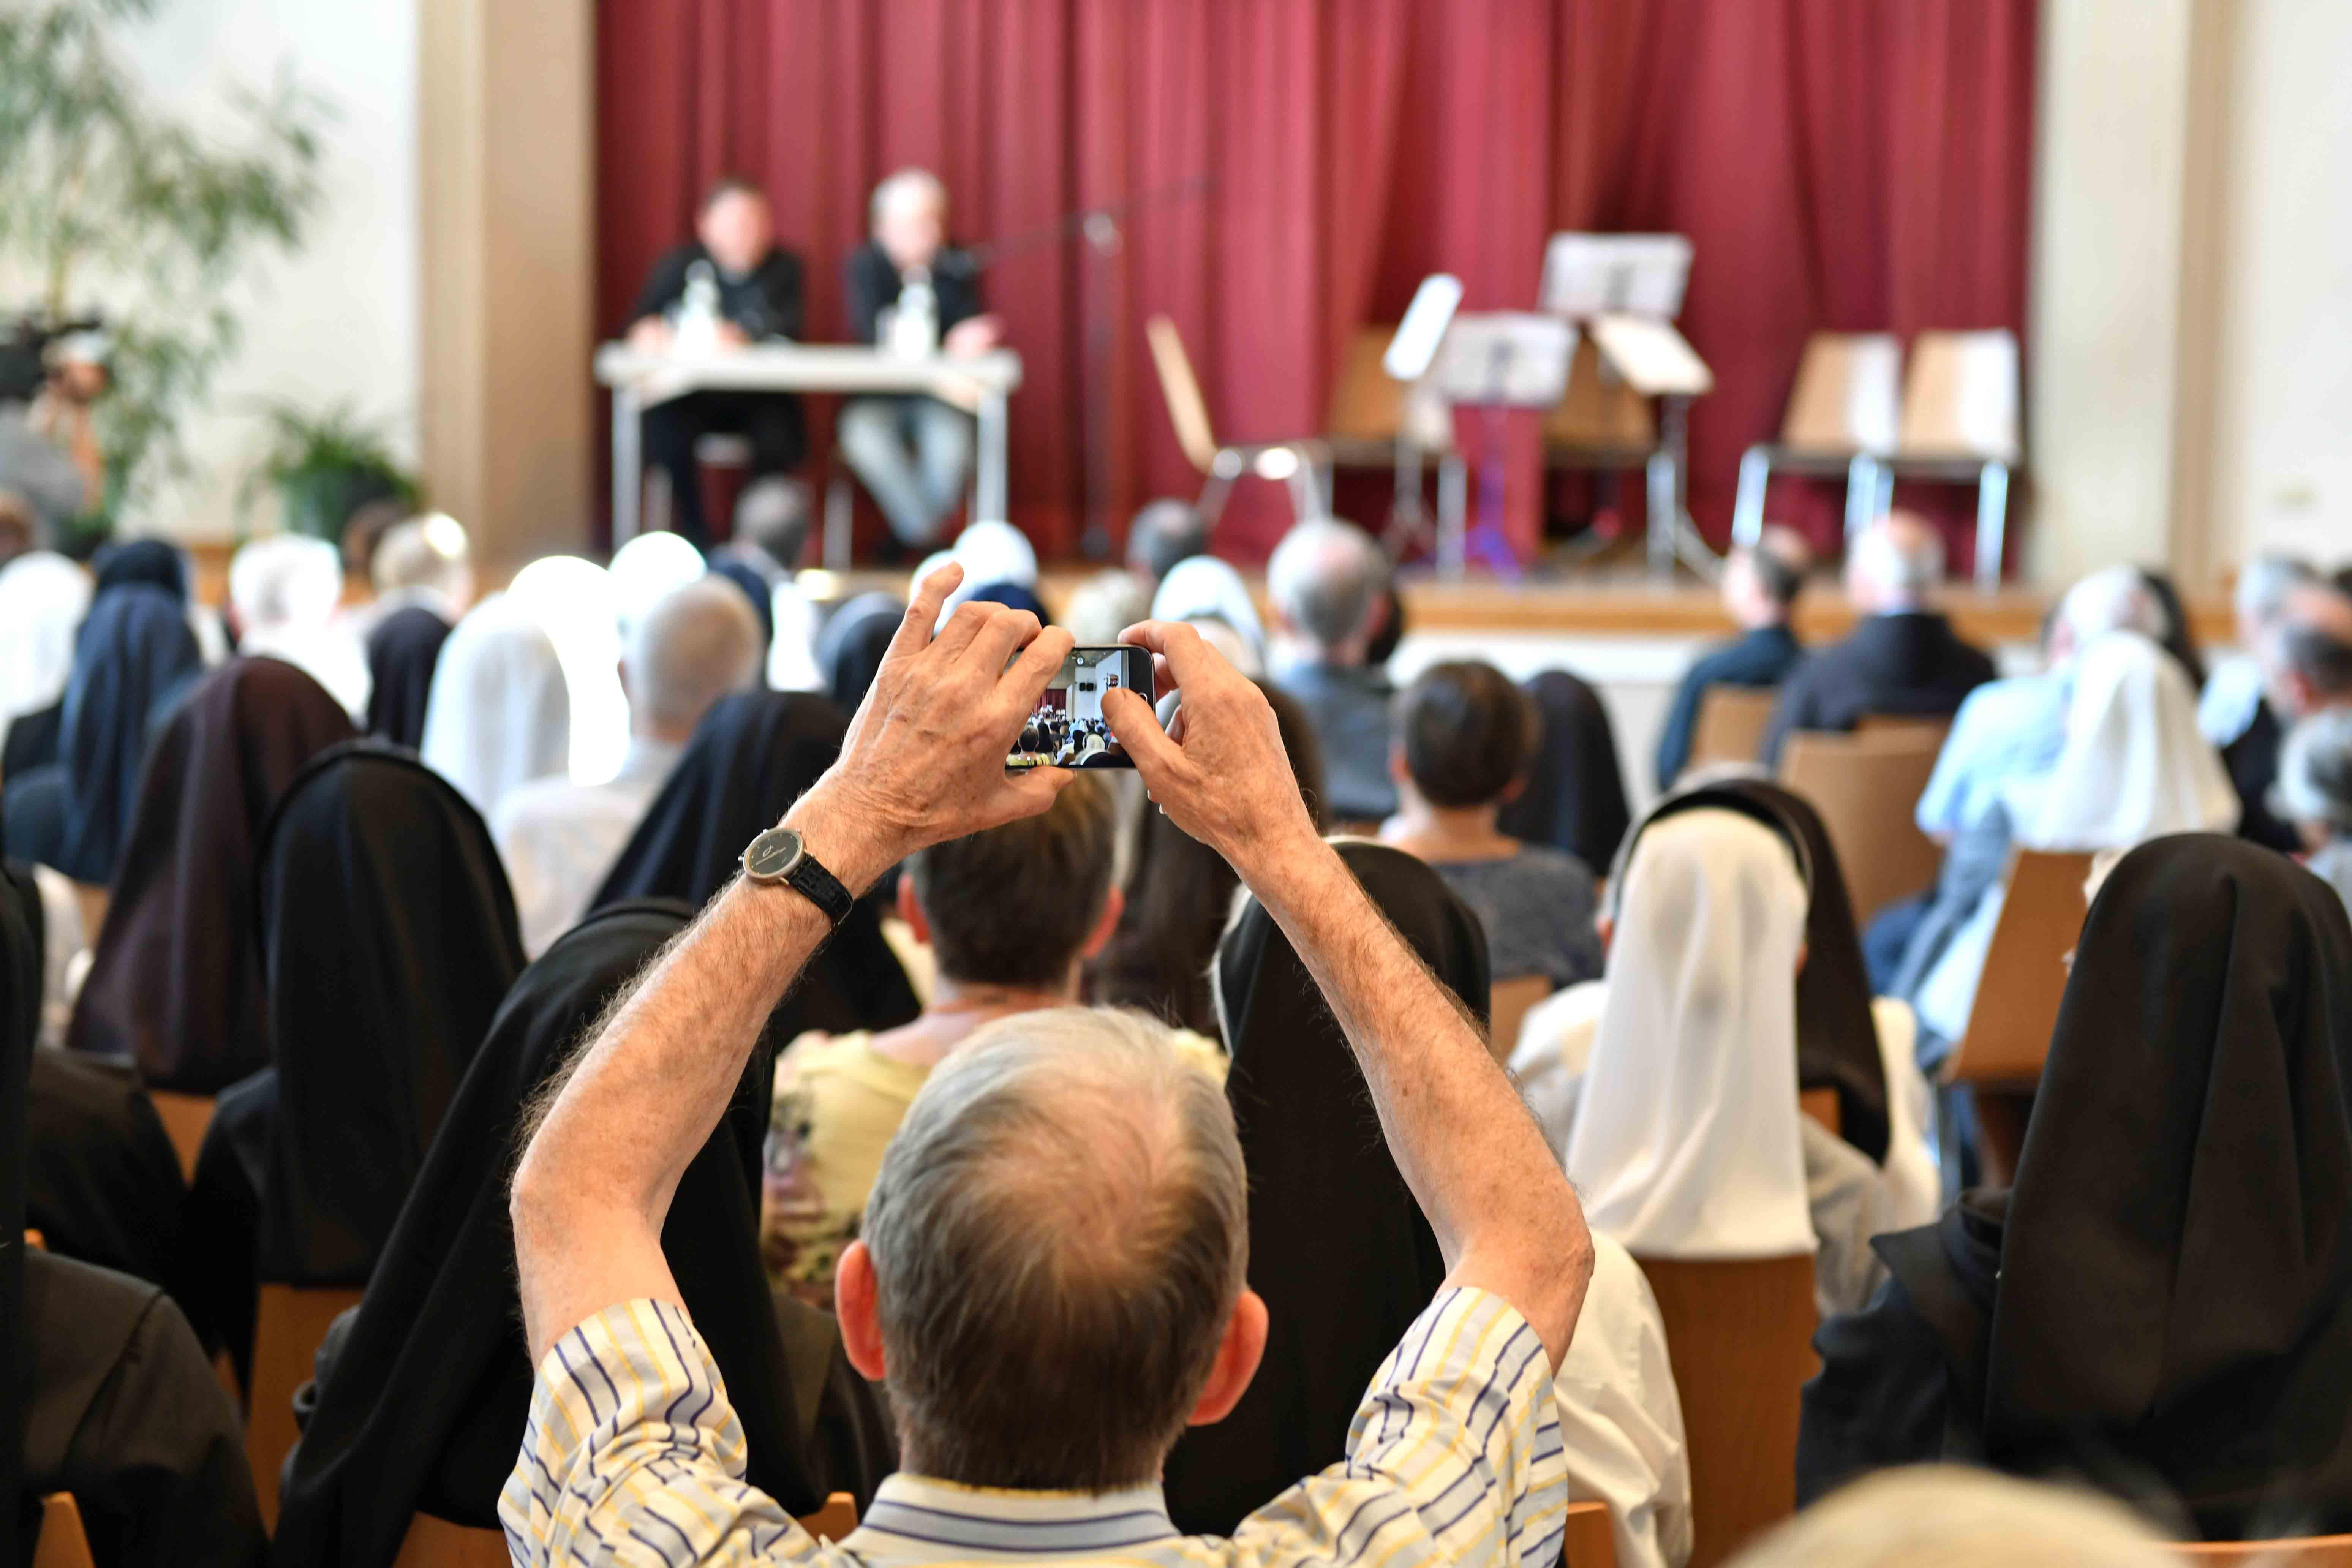 Wie kann es gelingen, miteinander Kirche zu sein? Auf diese Frage formulierte Kardinal João Braz de Aviz vor 150 Ordensleuten im Kolpingsaal Impulse. (Fotos: Nicolas Schnall / pba)